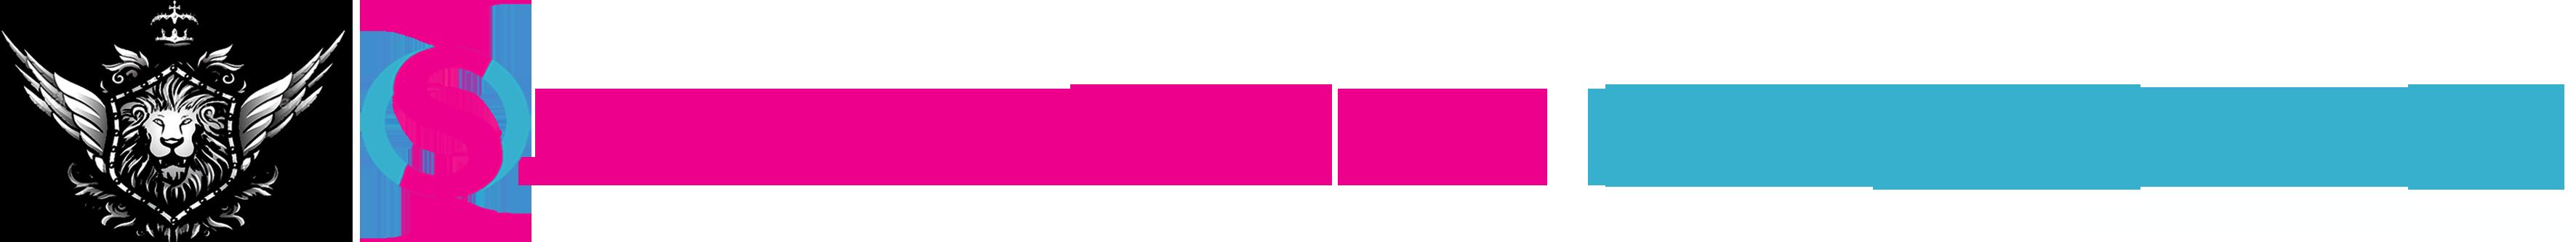 Saamarthya IT Services